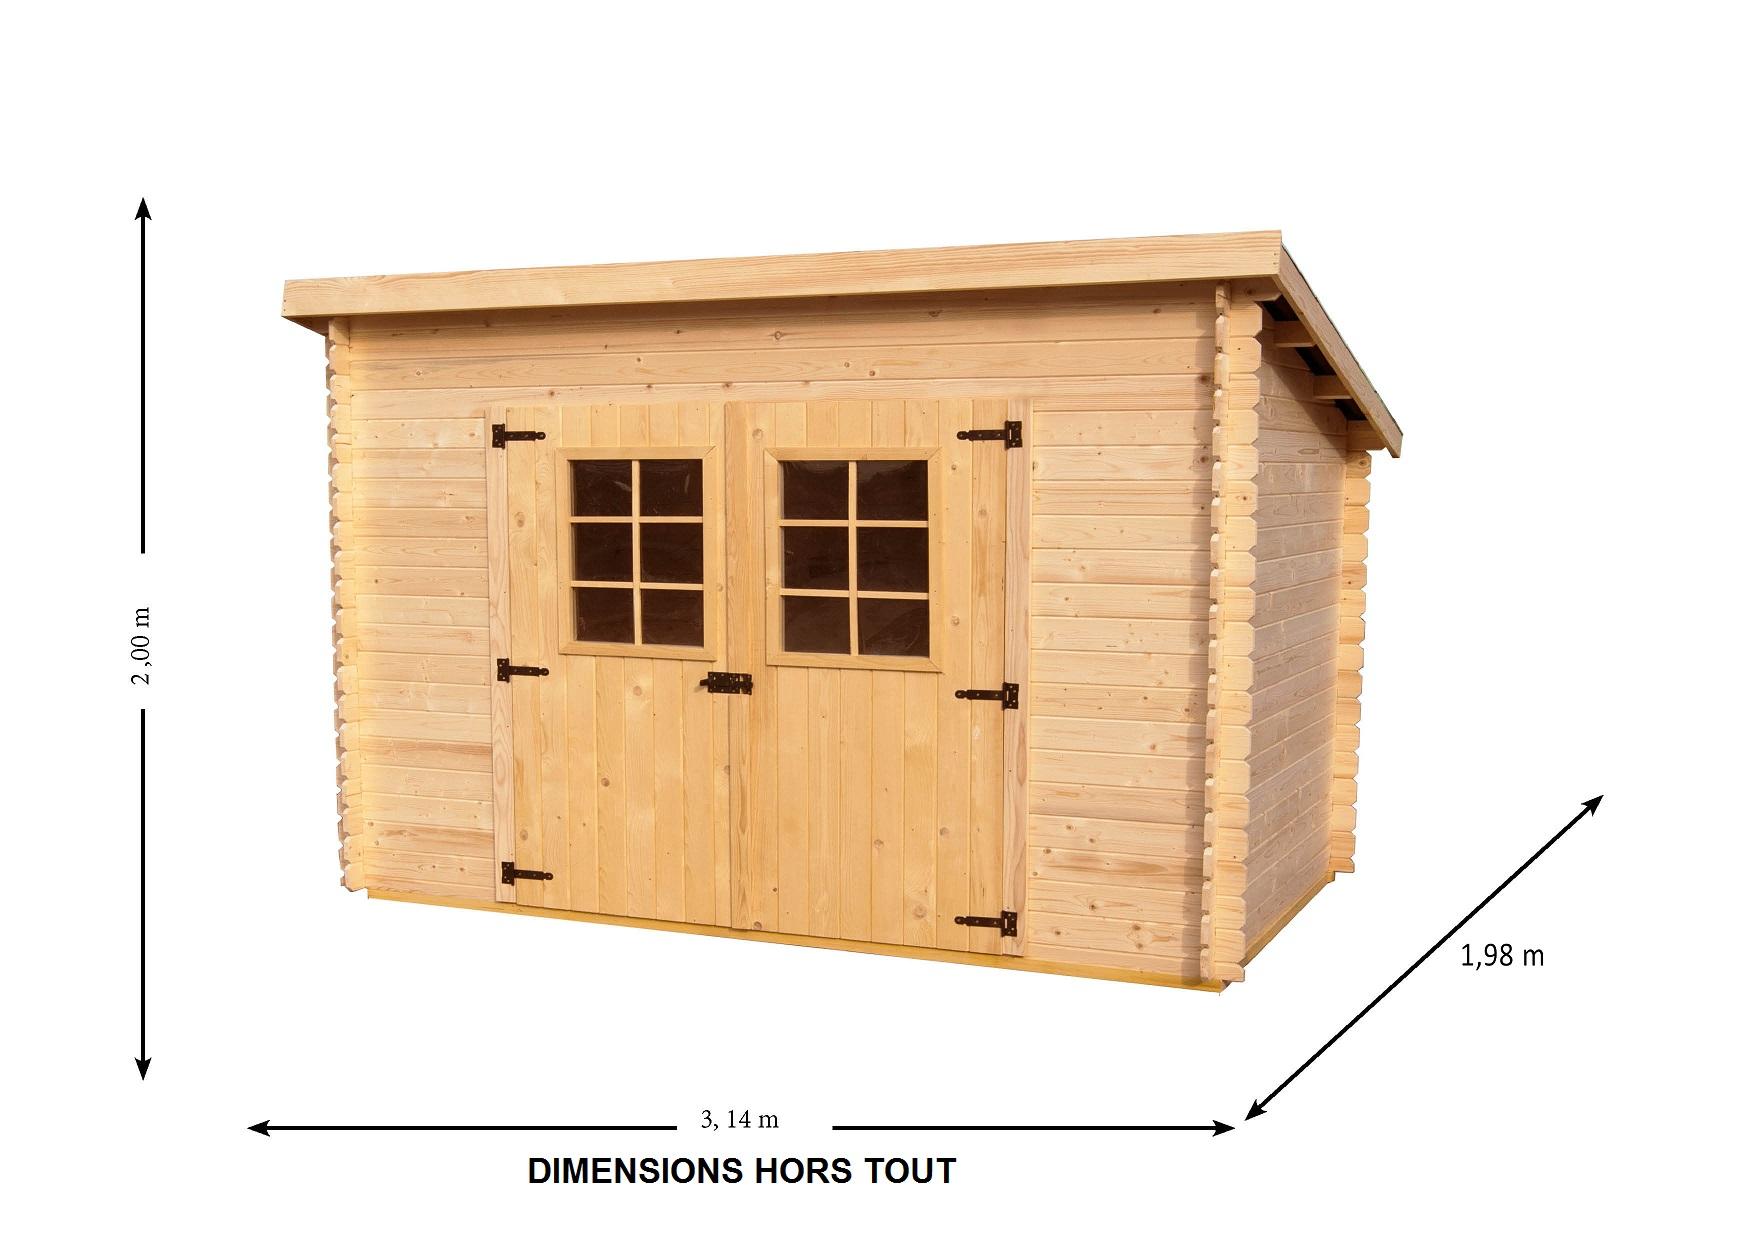 abri de jardin de 5m2 abri de jardin et balancoire id e. Black Bedroom Furniture Sets. Home Design Ideas